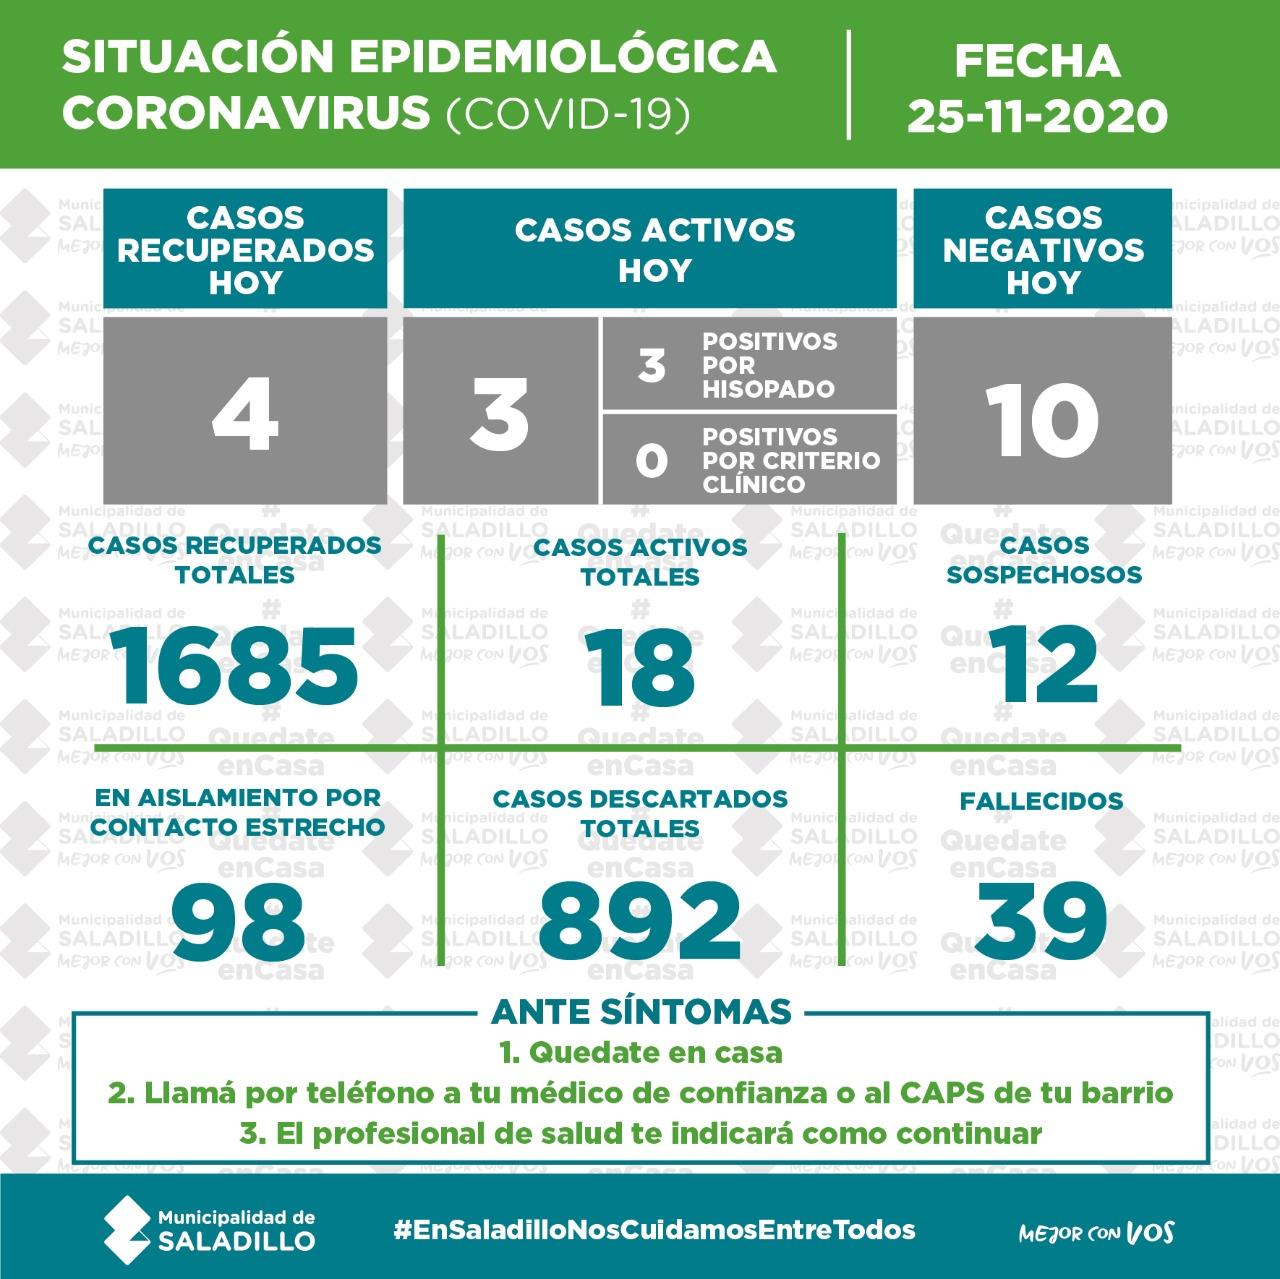 *SITUACIÓN EPIDEMIOLÓGICA EN SALADILLO al 25/11/2020*